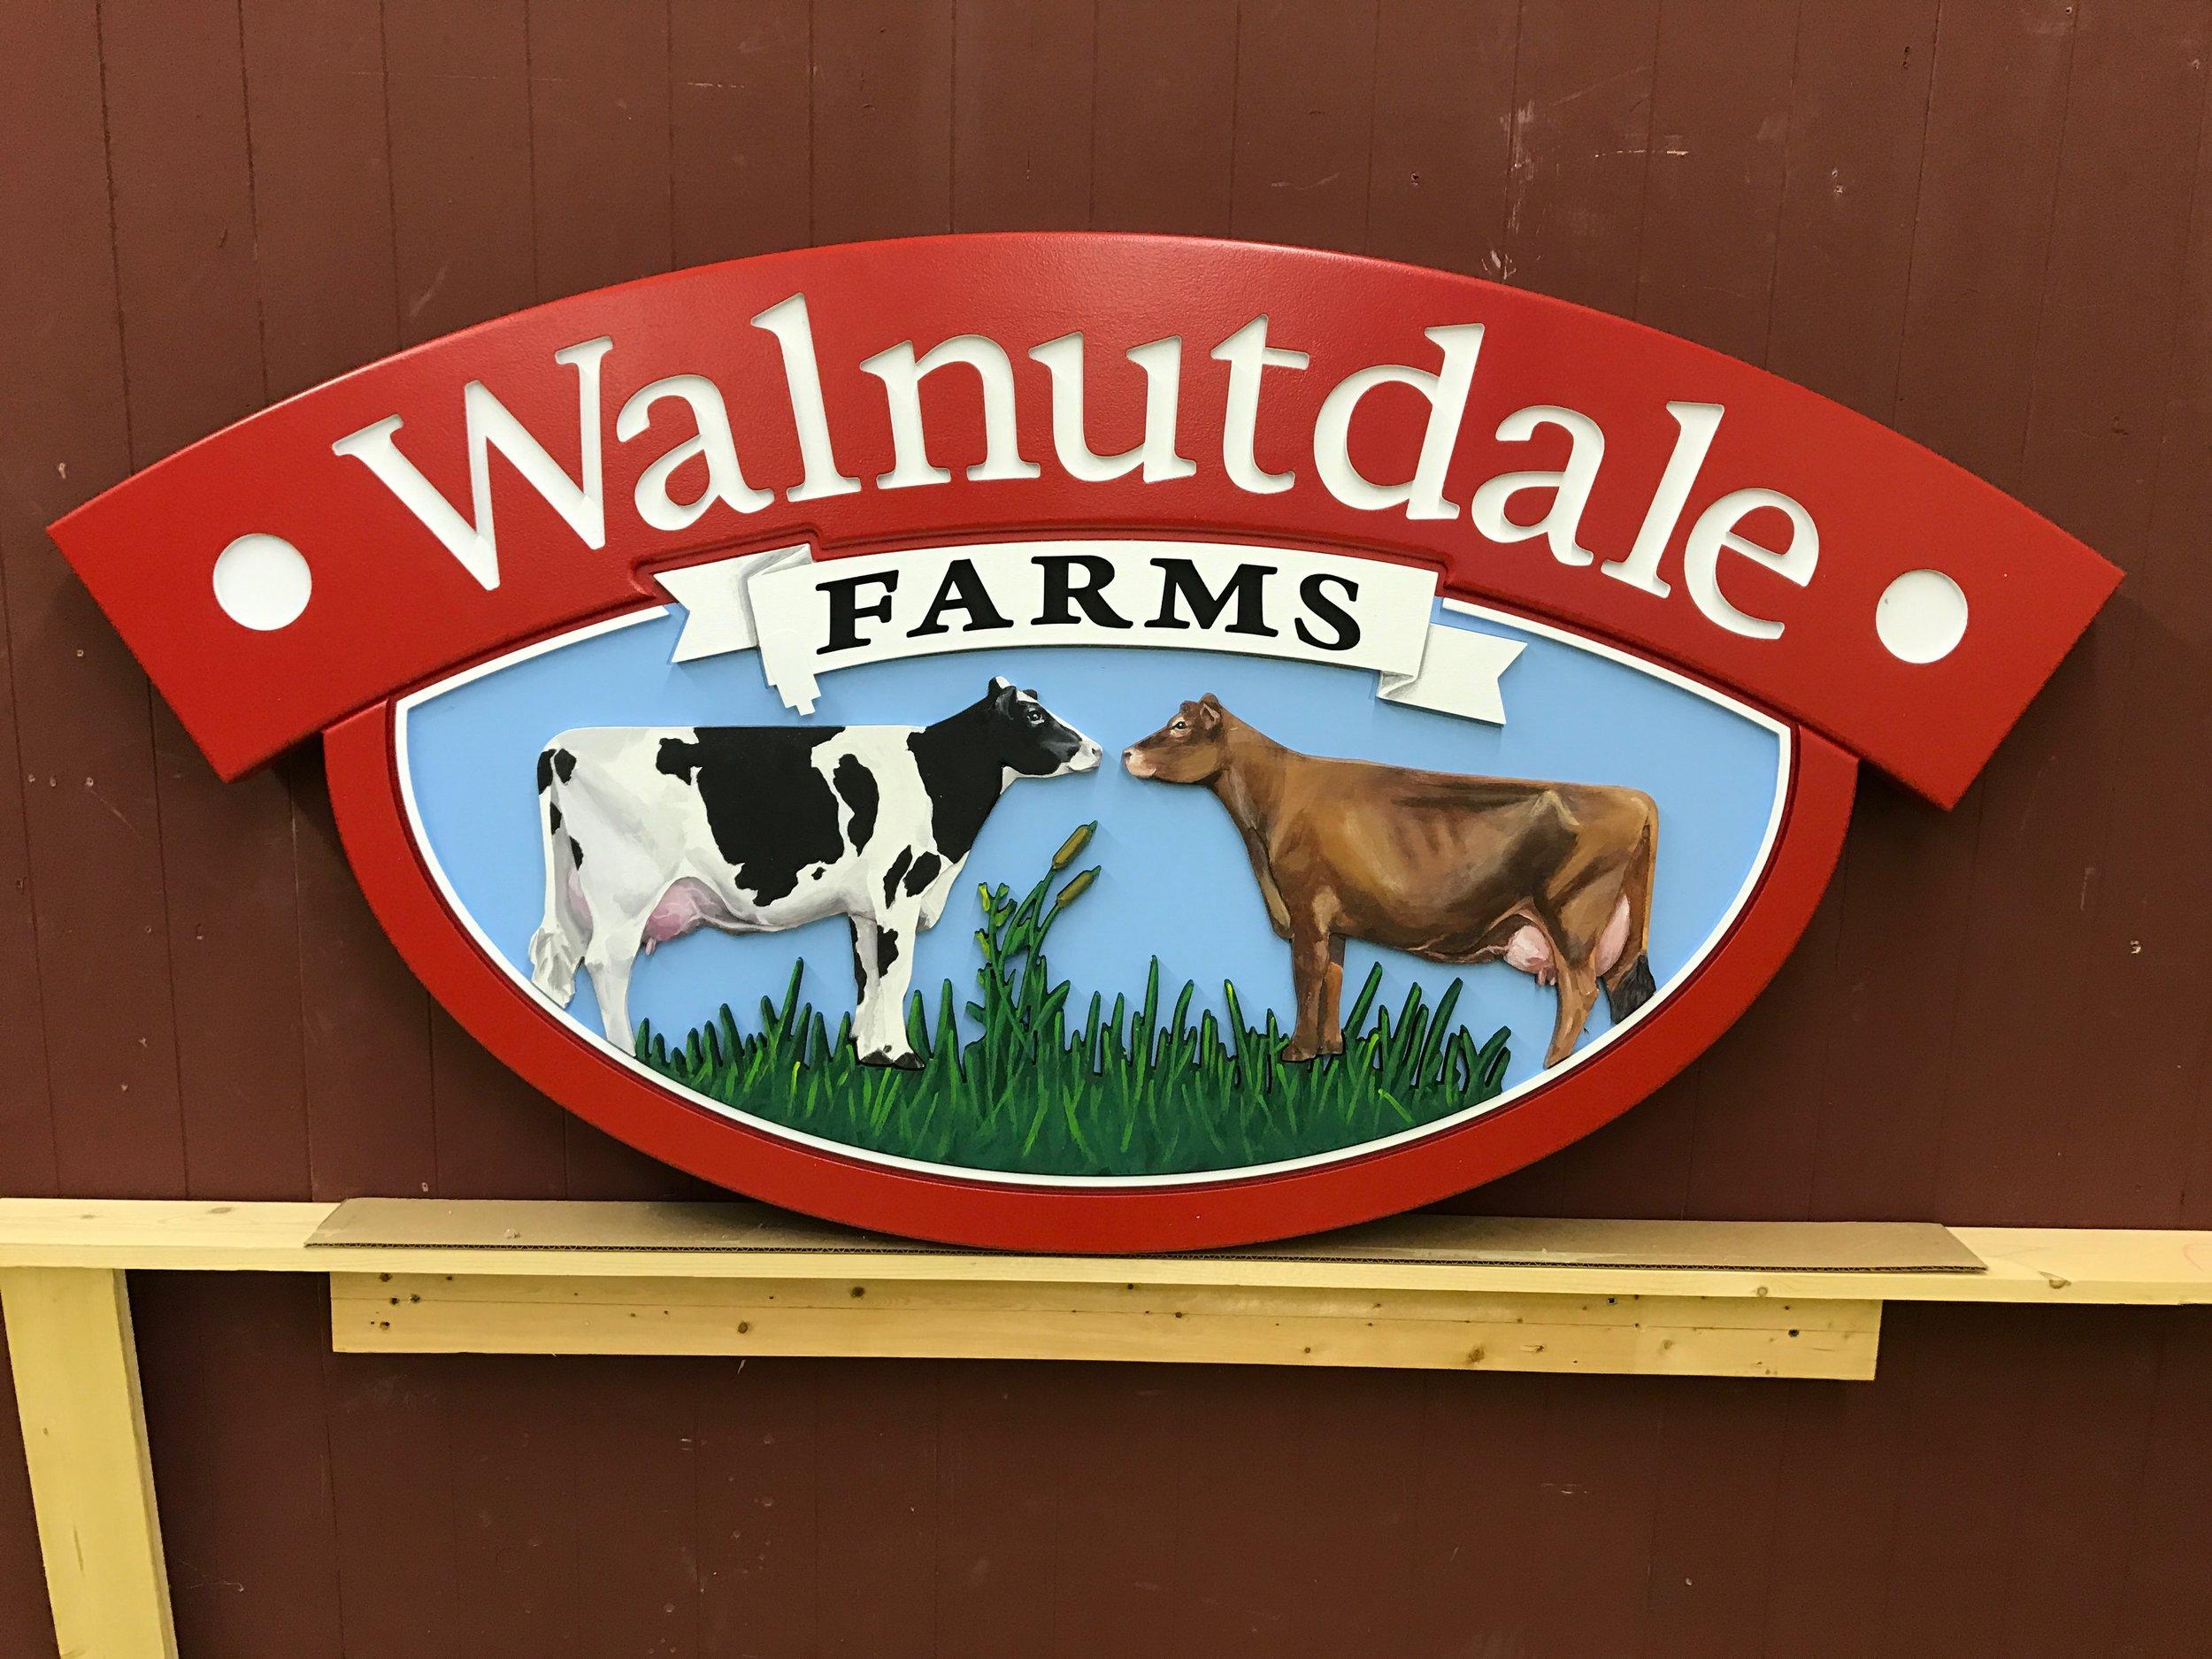 farm_walnutdale.jpg